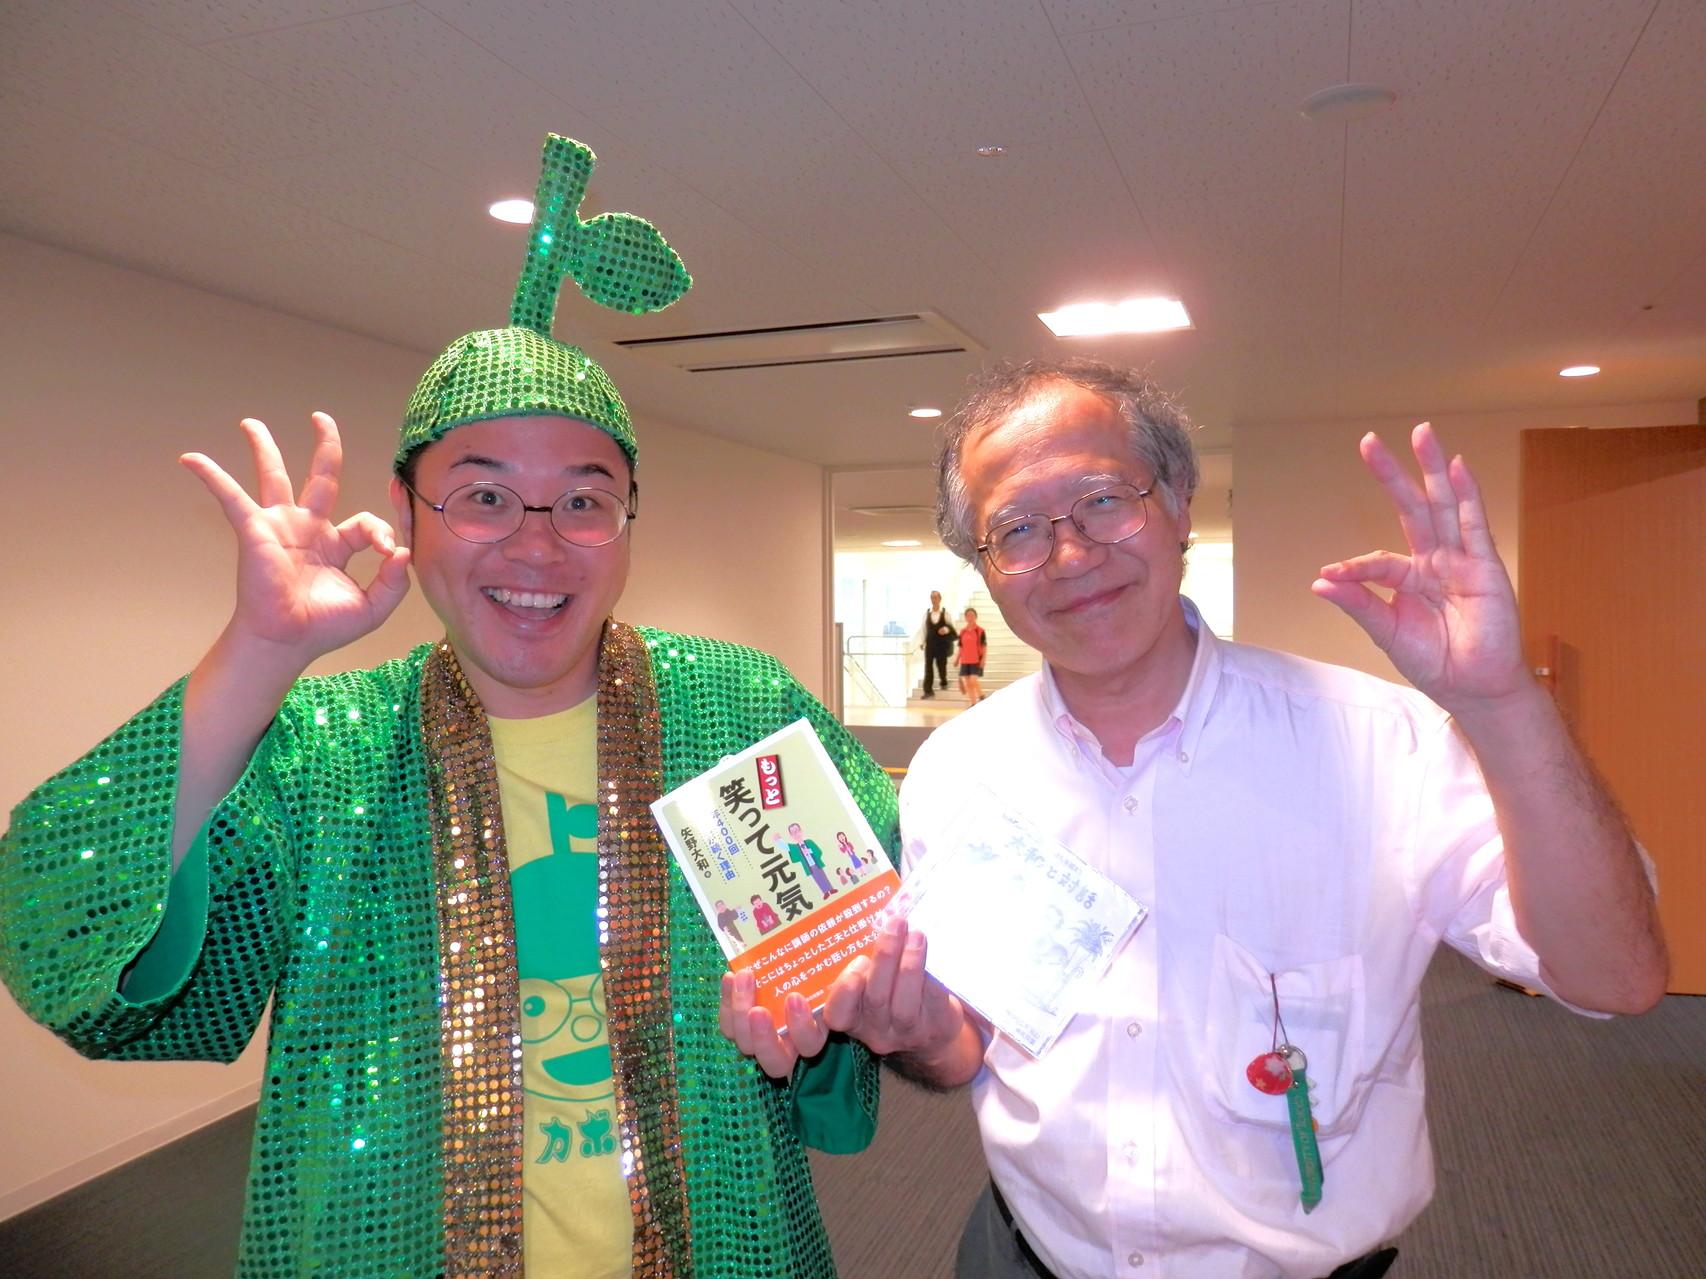 矢野大和さんと楽々ご縁日イベントにて